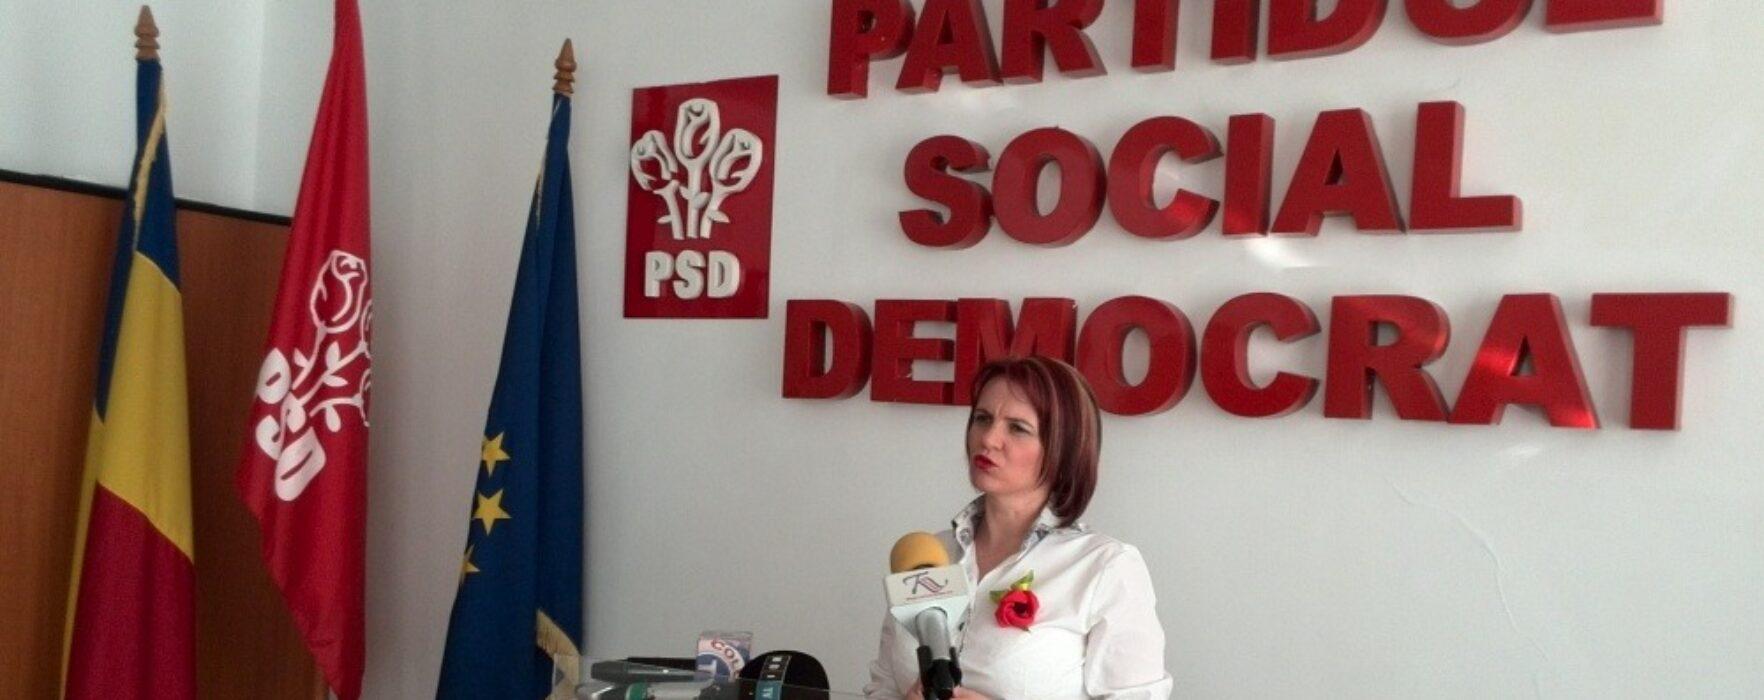 Claudia Gilia, pe locul 22 pe lista PSD-UNPR-PC la europarlamentare; vezi lista completă